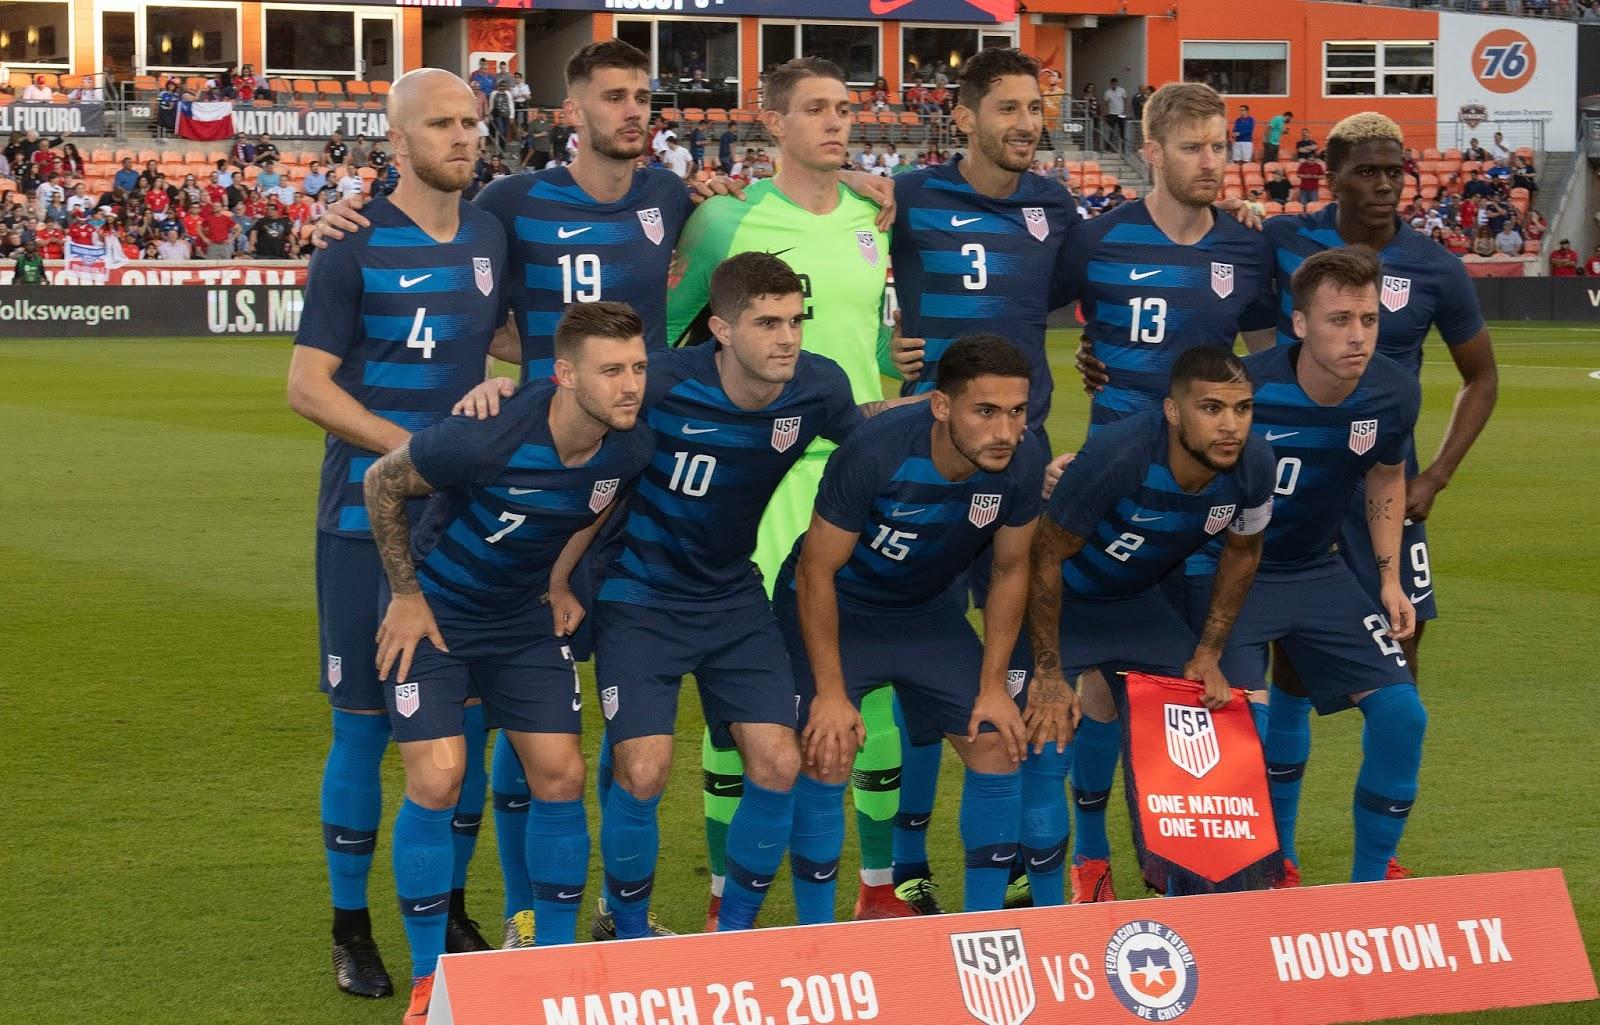 Formación de Estados Unidos ante Chile, amistoso disputado el 26 de marzo de 2019